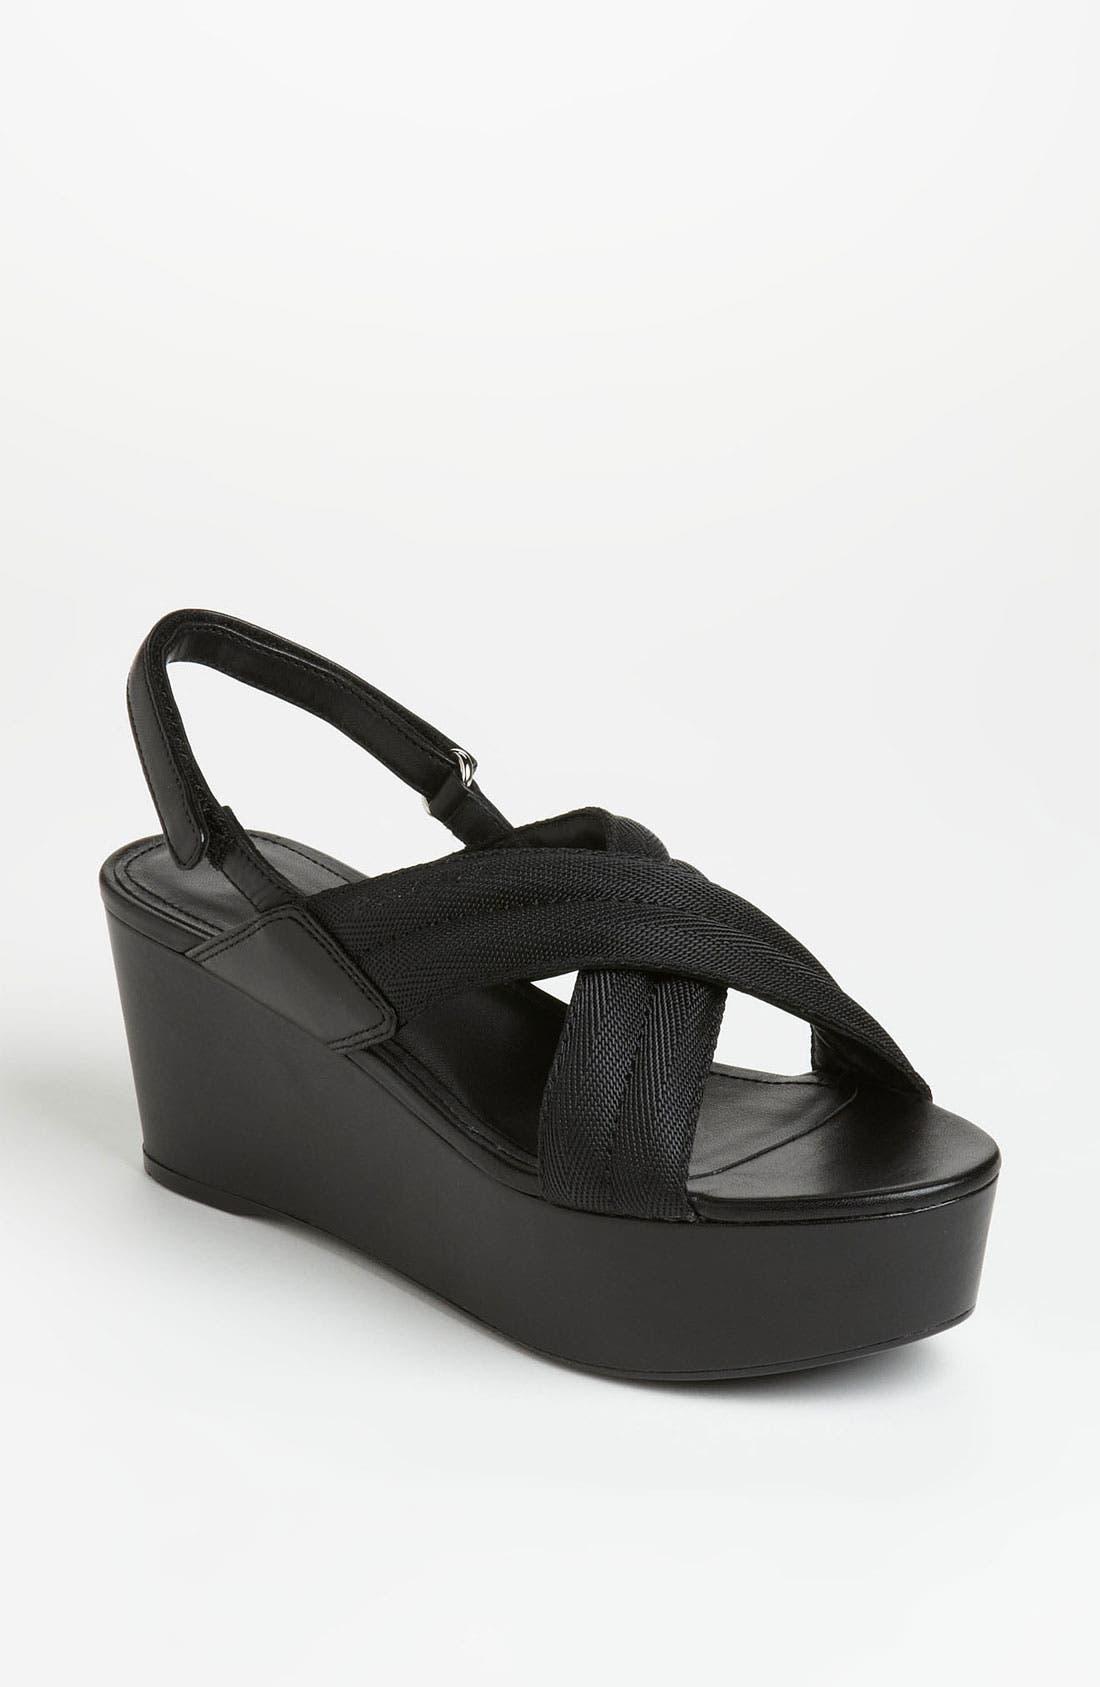 Alternate Image 1 Selected - Prada Sandal